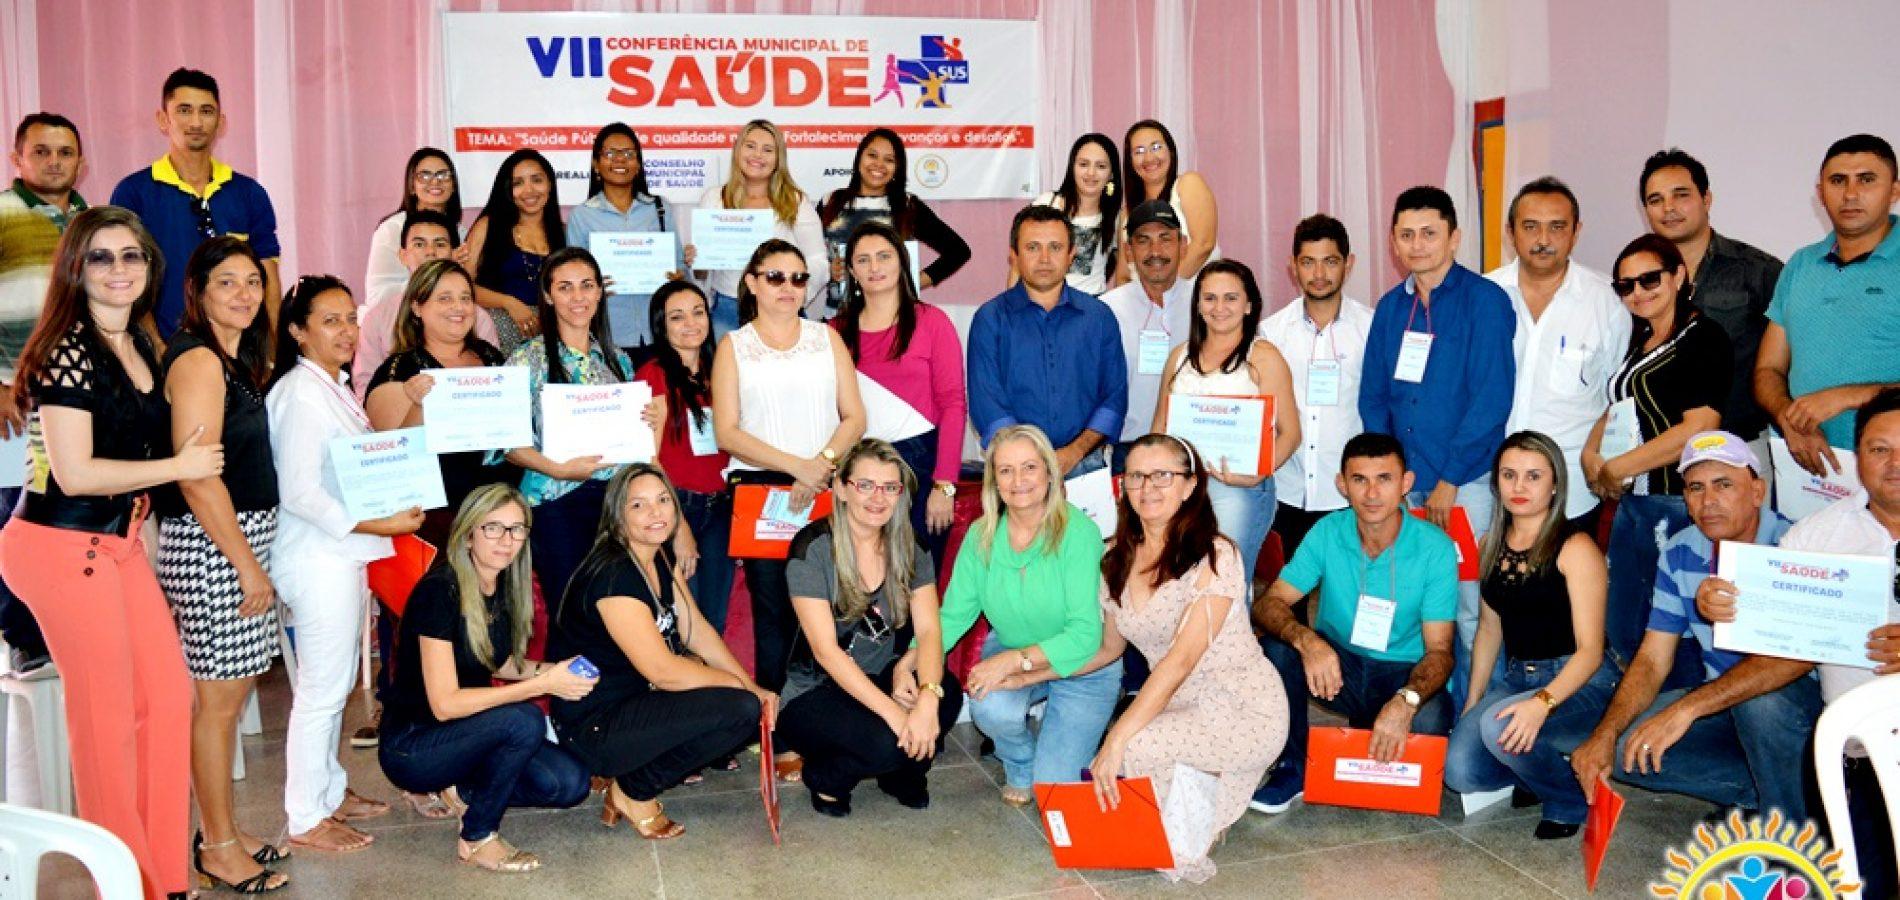 Vila Nova do Piauí discute saúde pública em 7ª Conferência Municipal; veja fotos